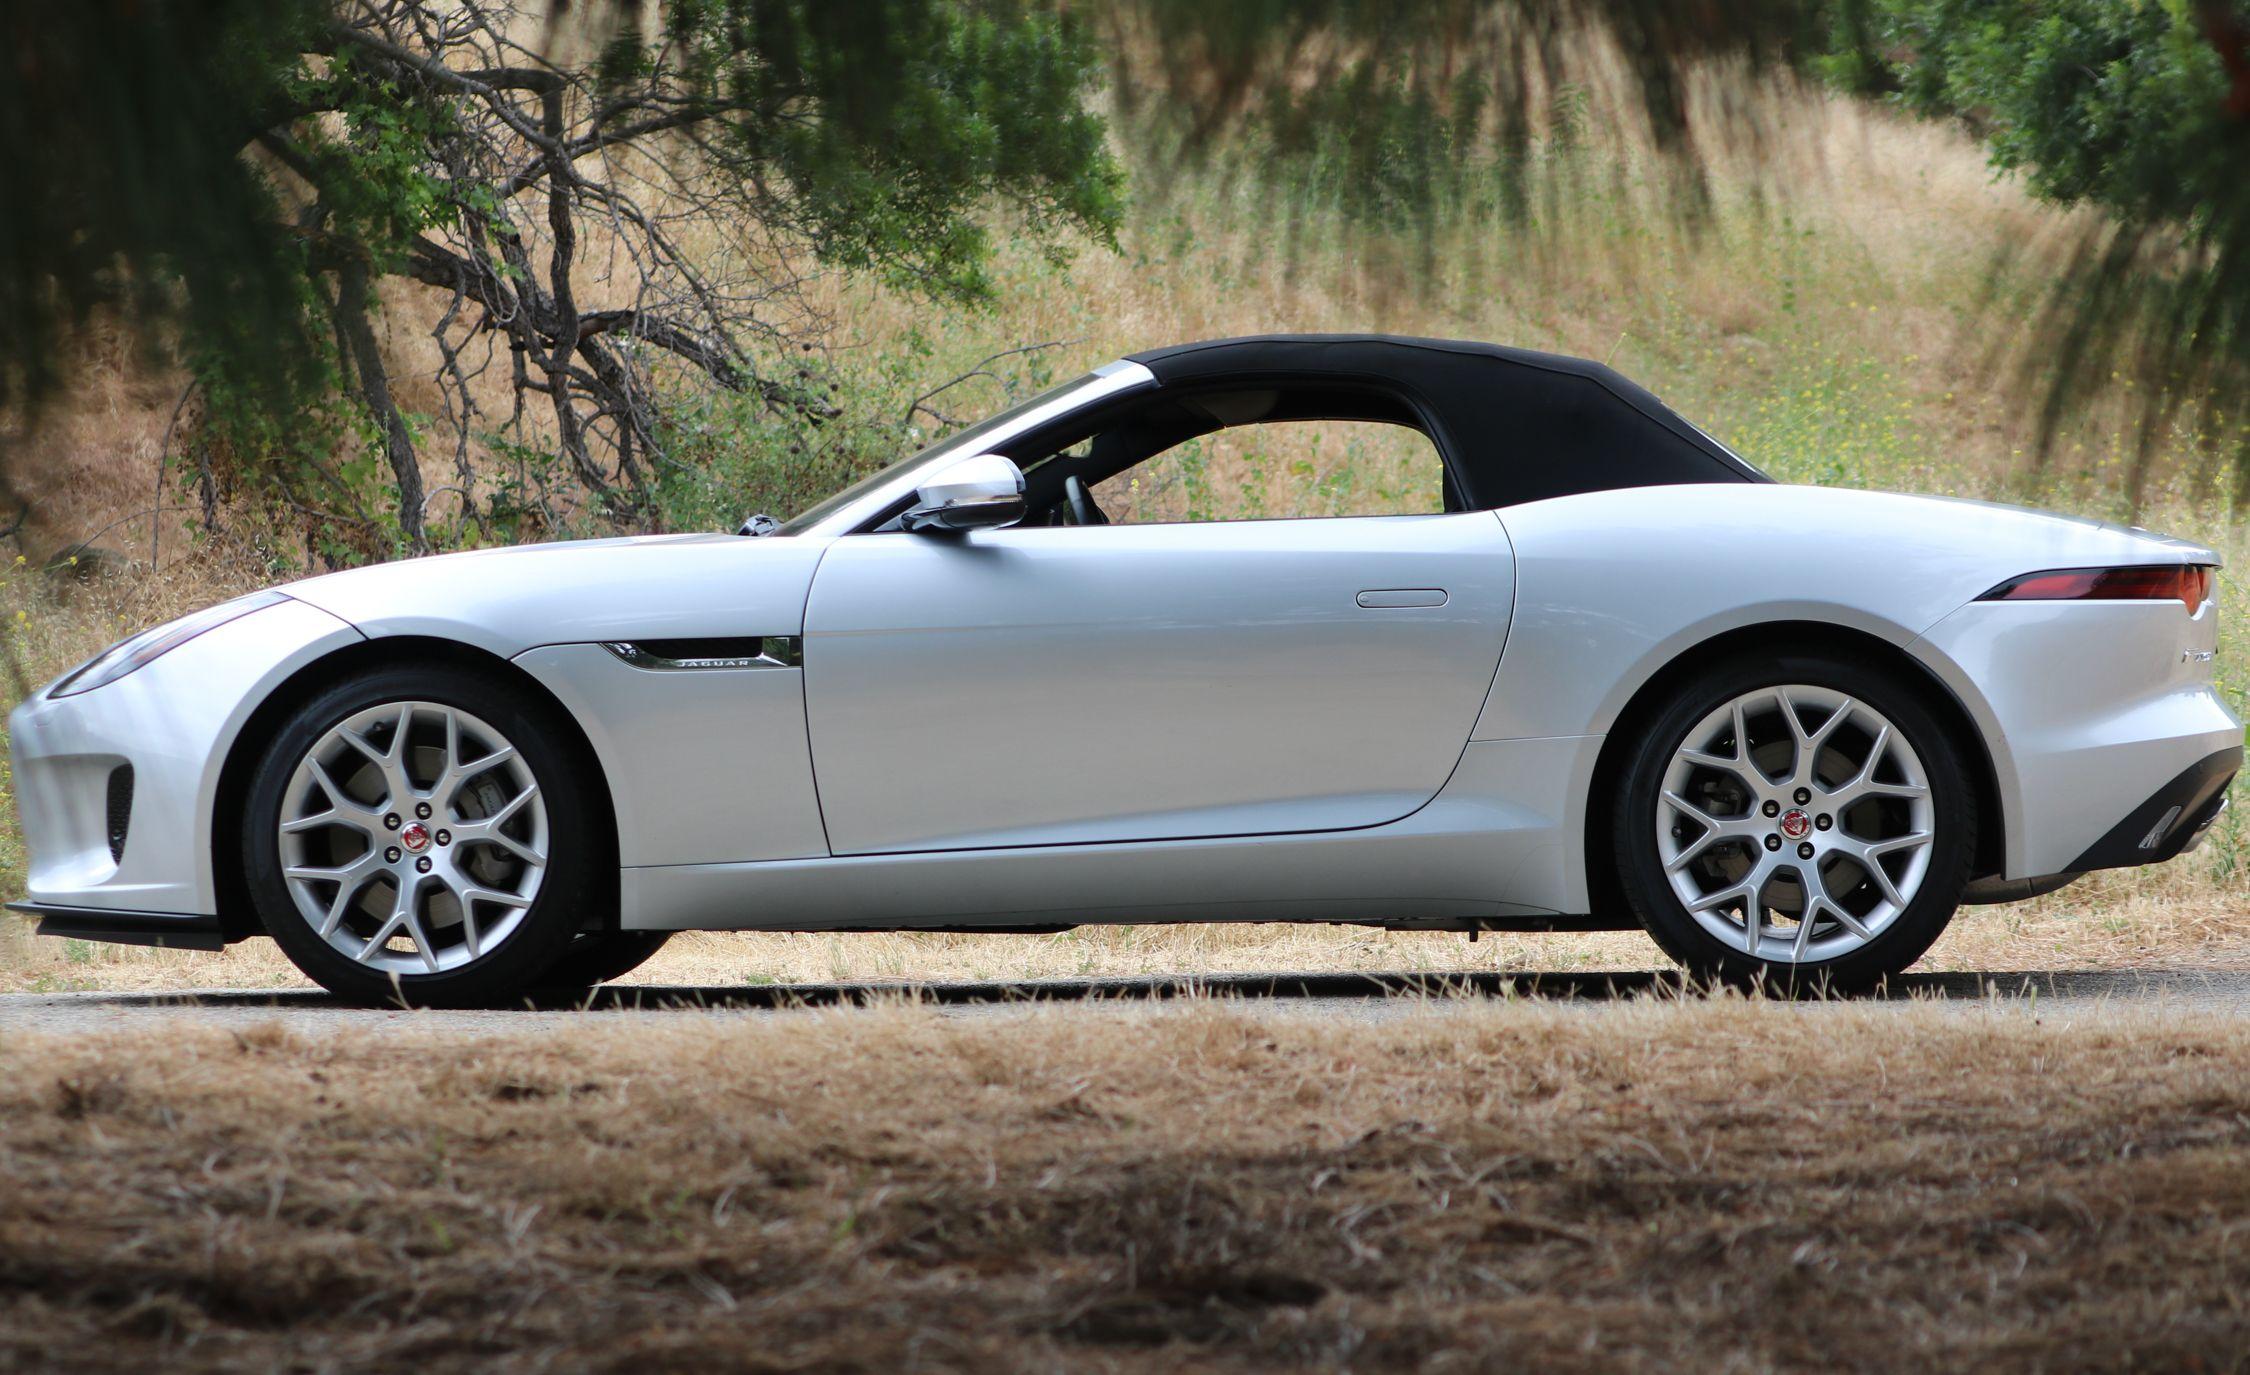 2020 Jaguar F Type Reviews Price Photos And Specs Car Driver